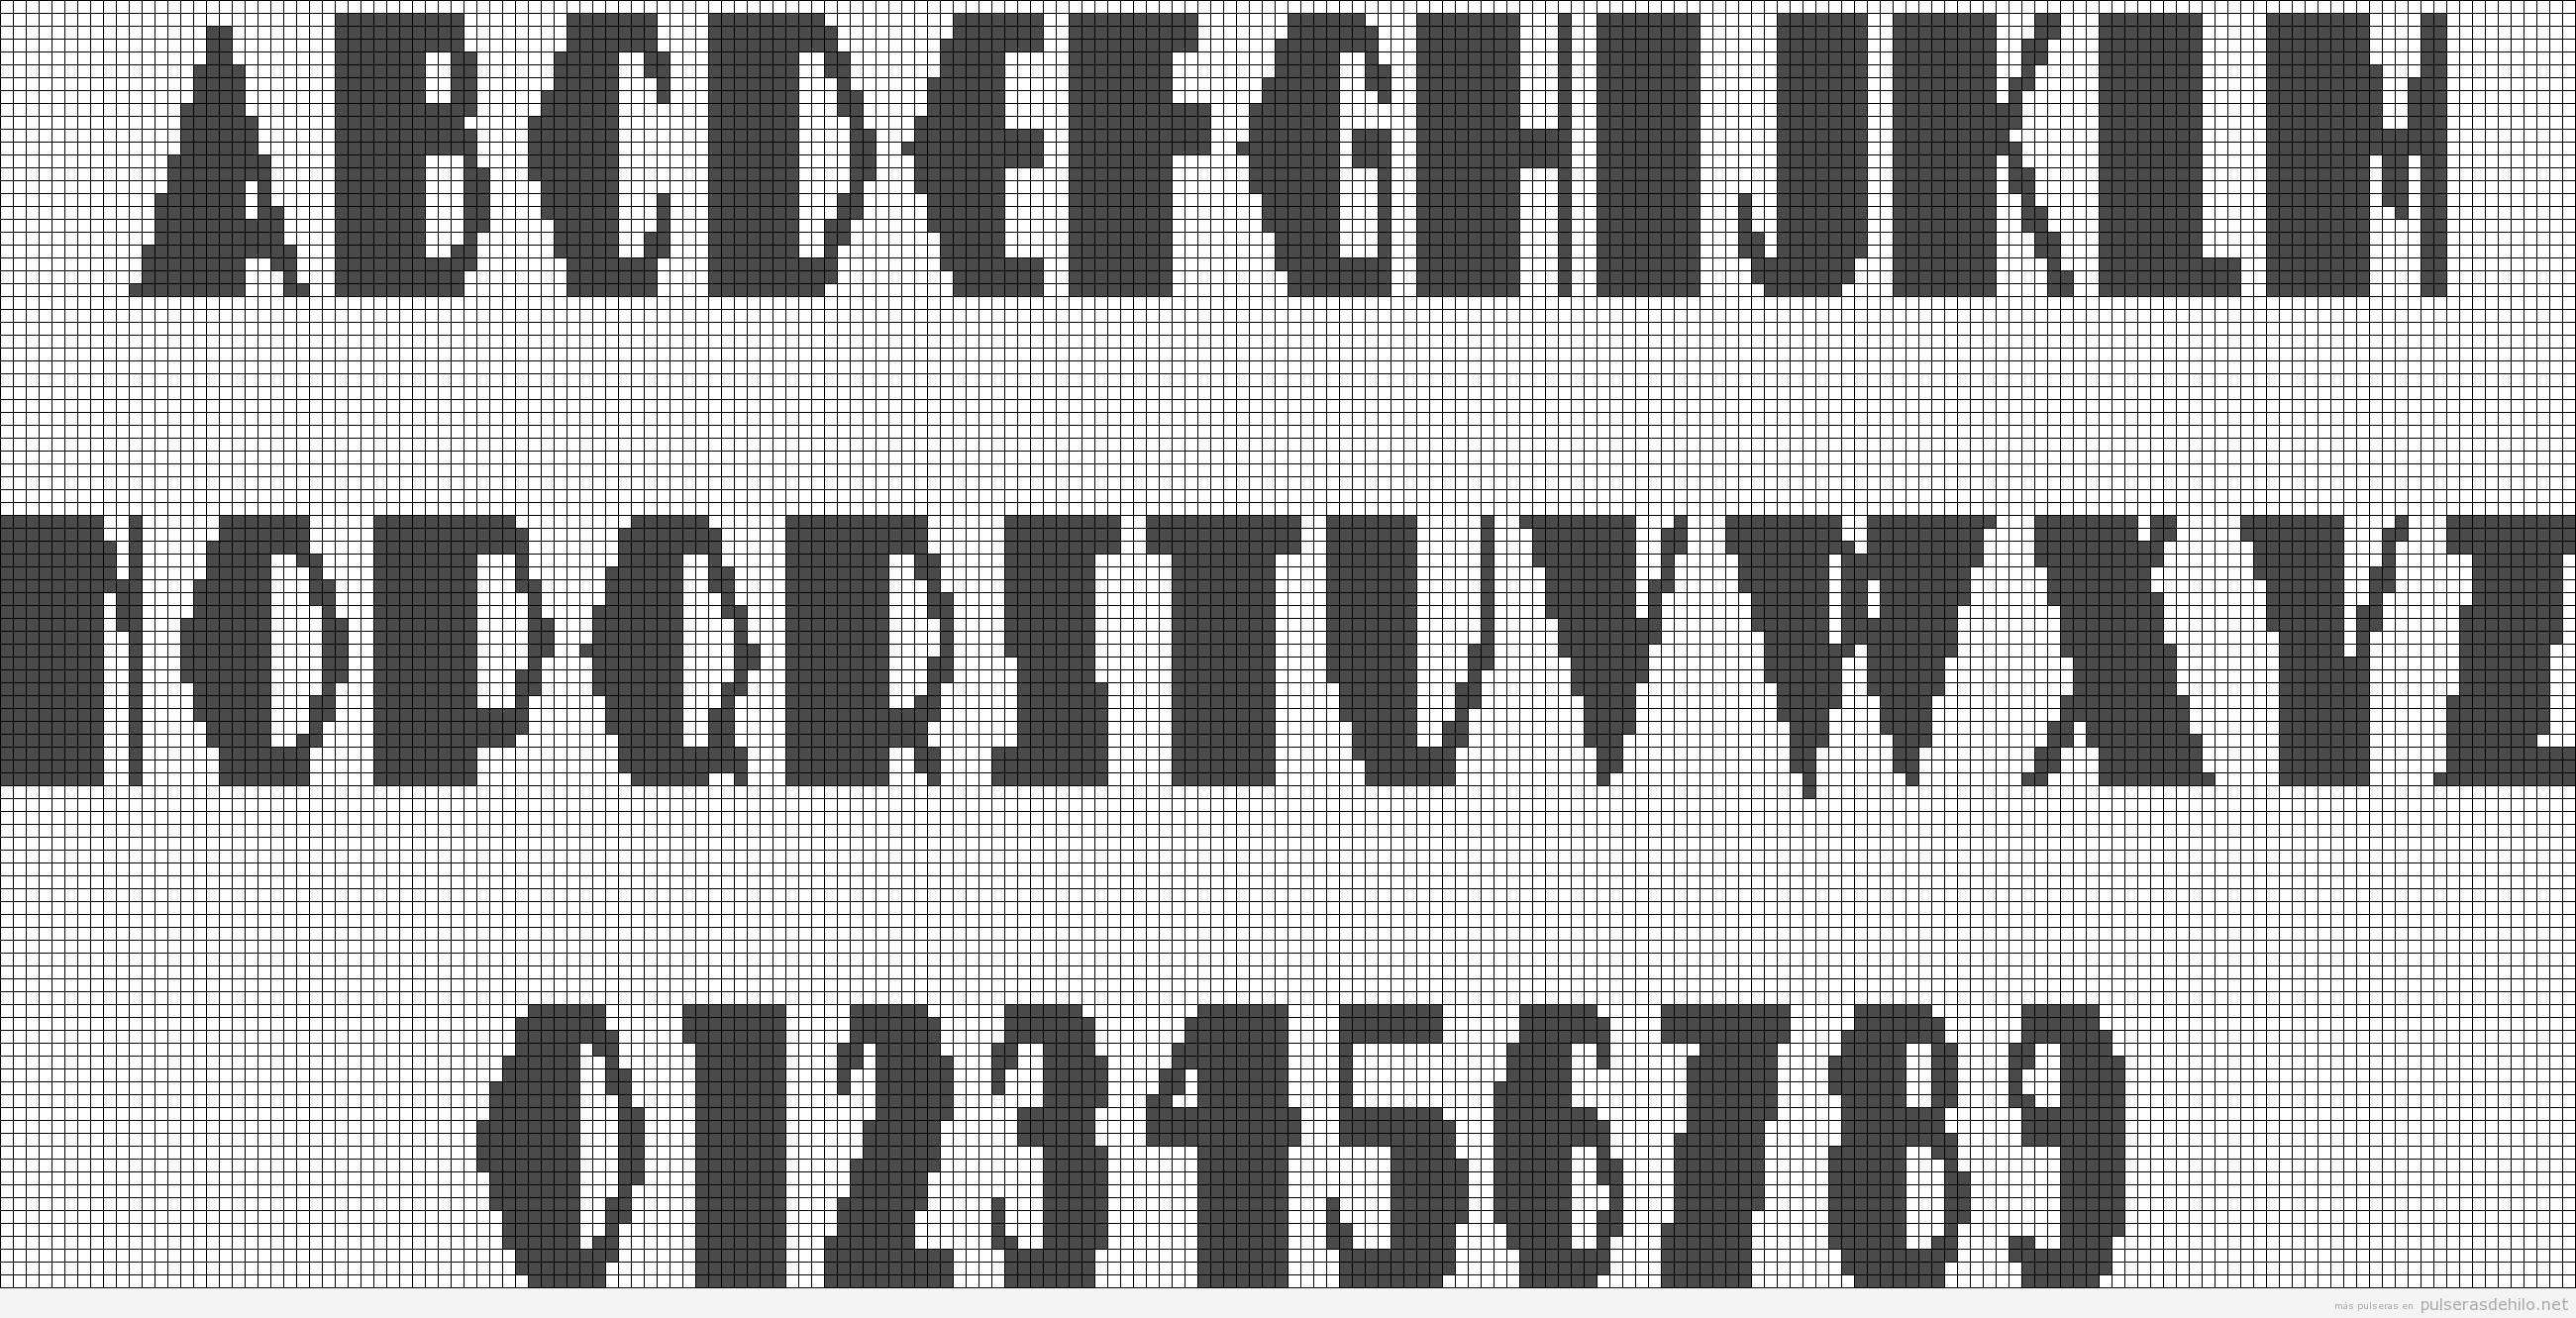 Plantillas alpha alfabeto para hacer pulsera de hilo con nombres 2 ...